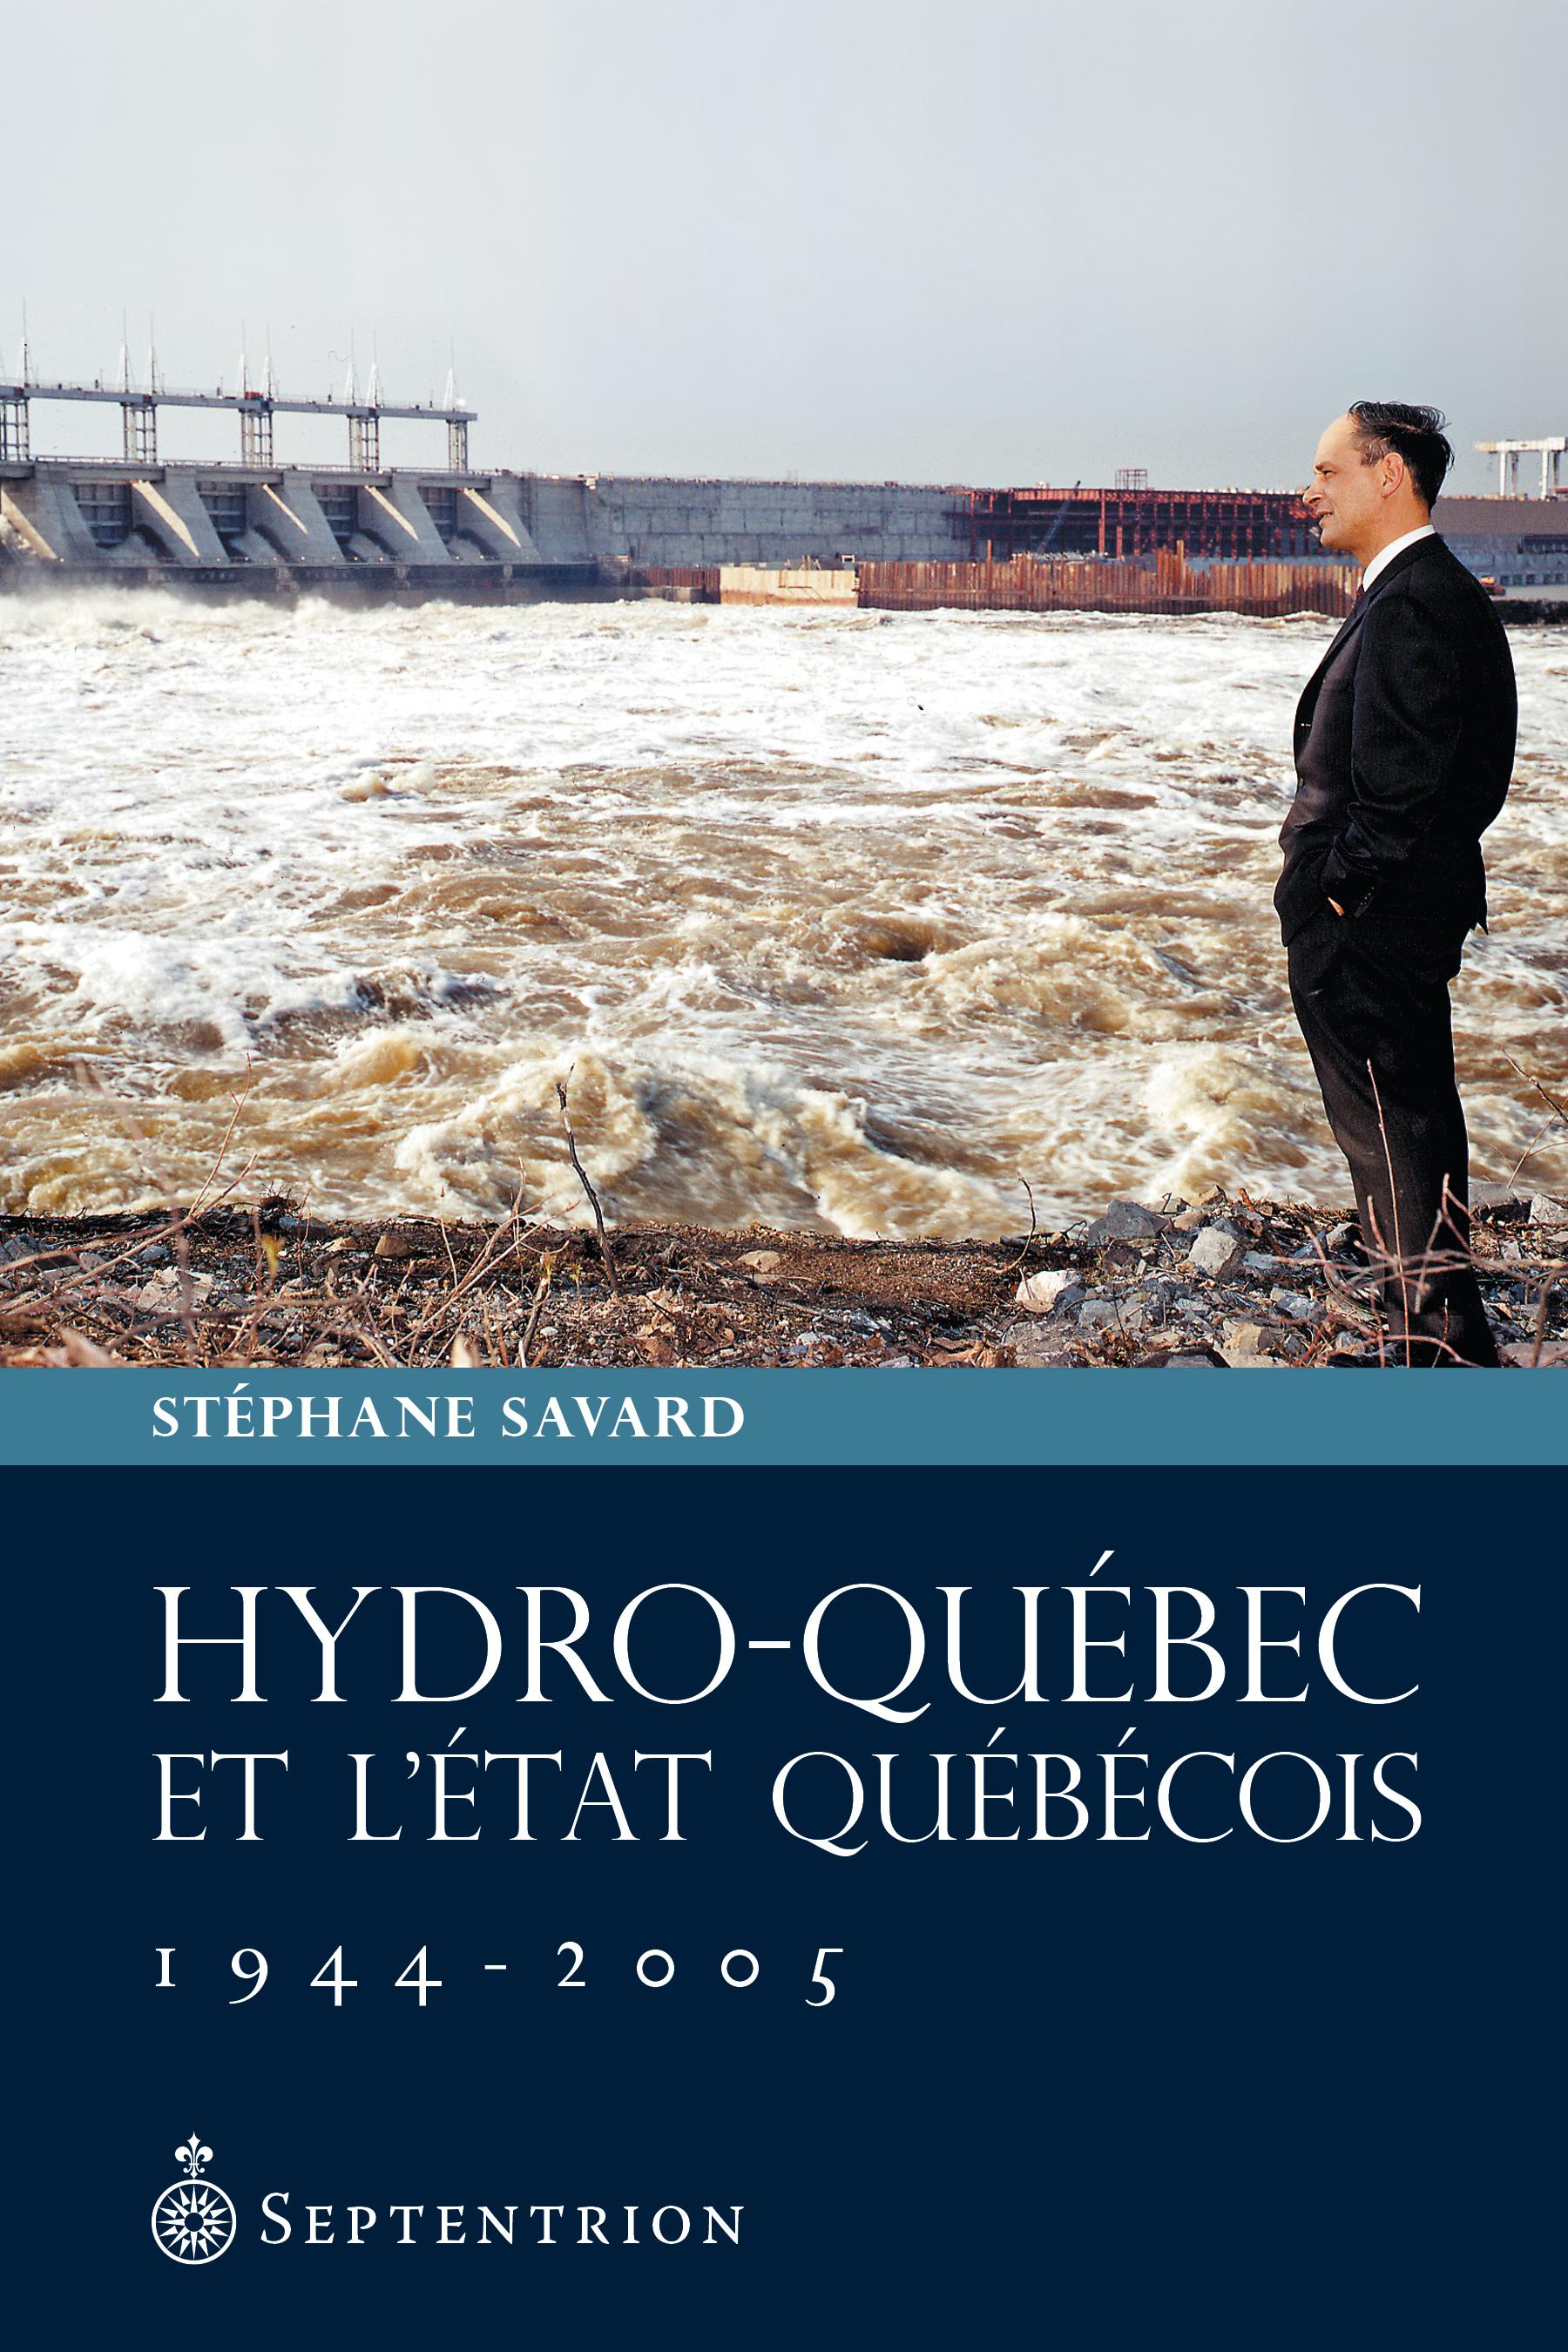 Hydro-Québec et l'État québécois, 1944-2005